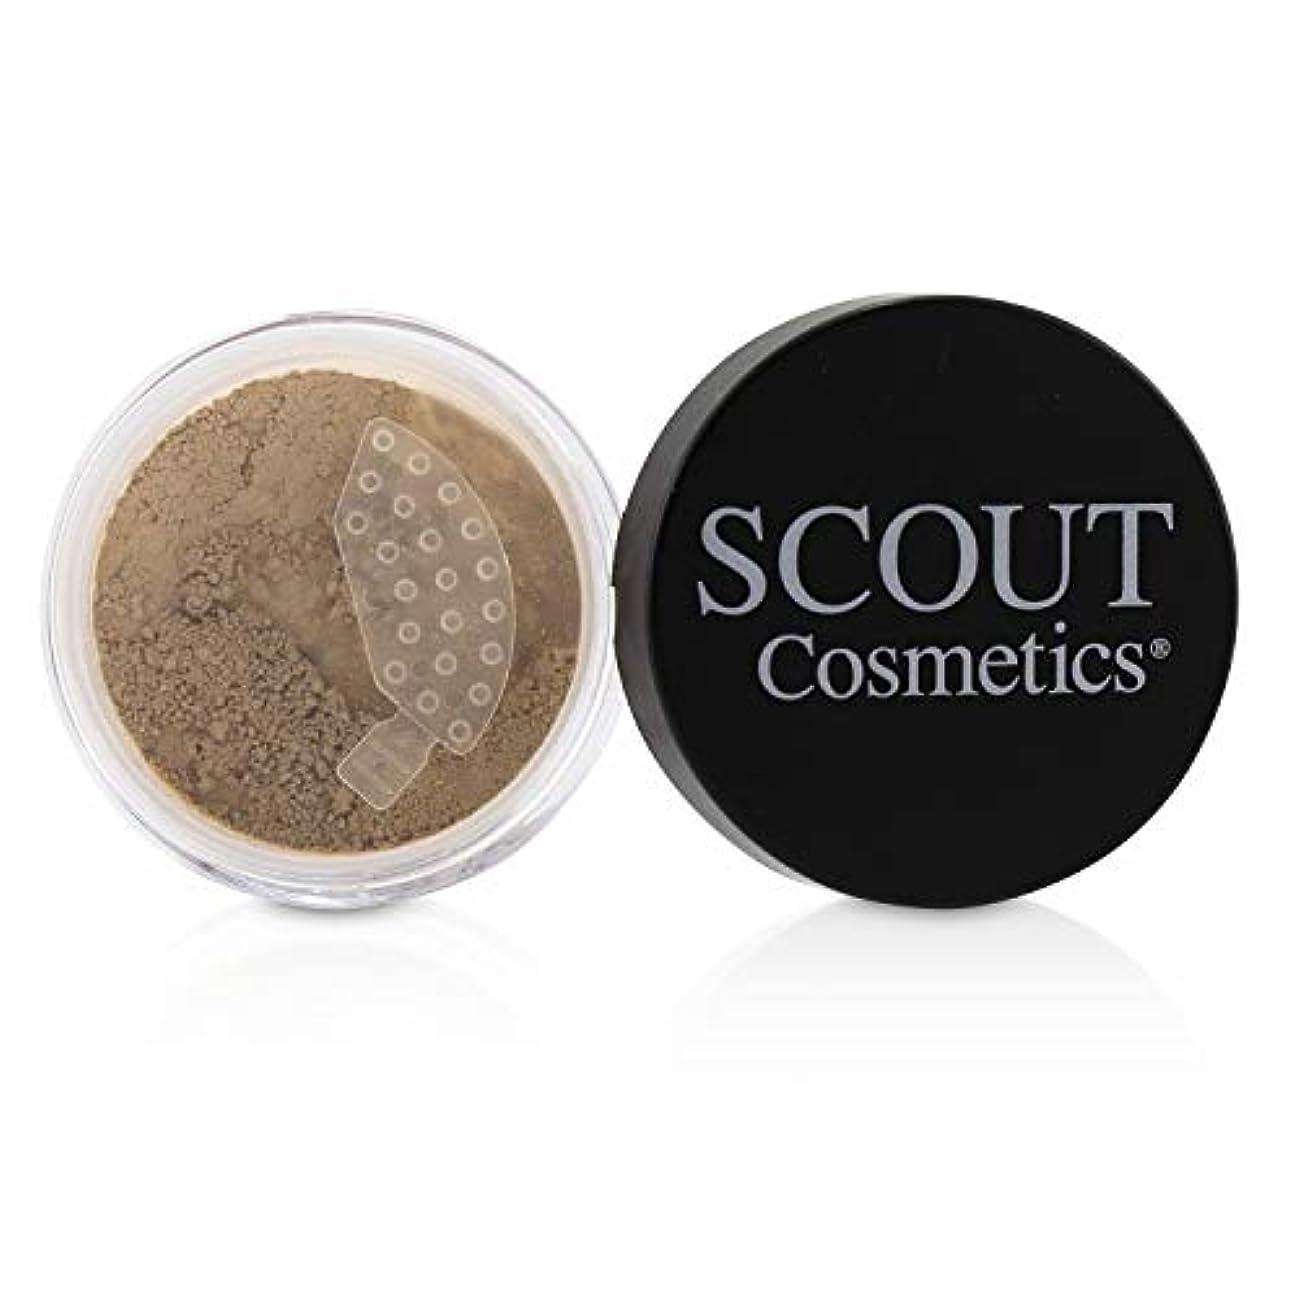 退化する一般送料SCOUT Cosmetics Mineral Powder Foundation SPF 20 - # Shell 8g/0.28oz並行輸入品